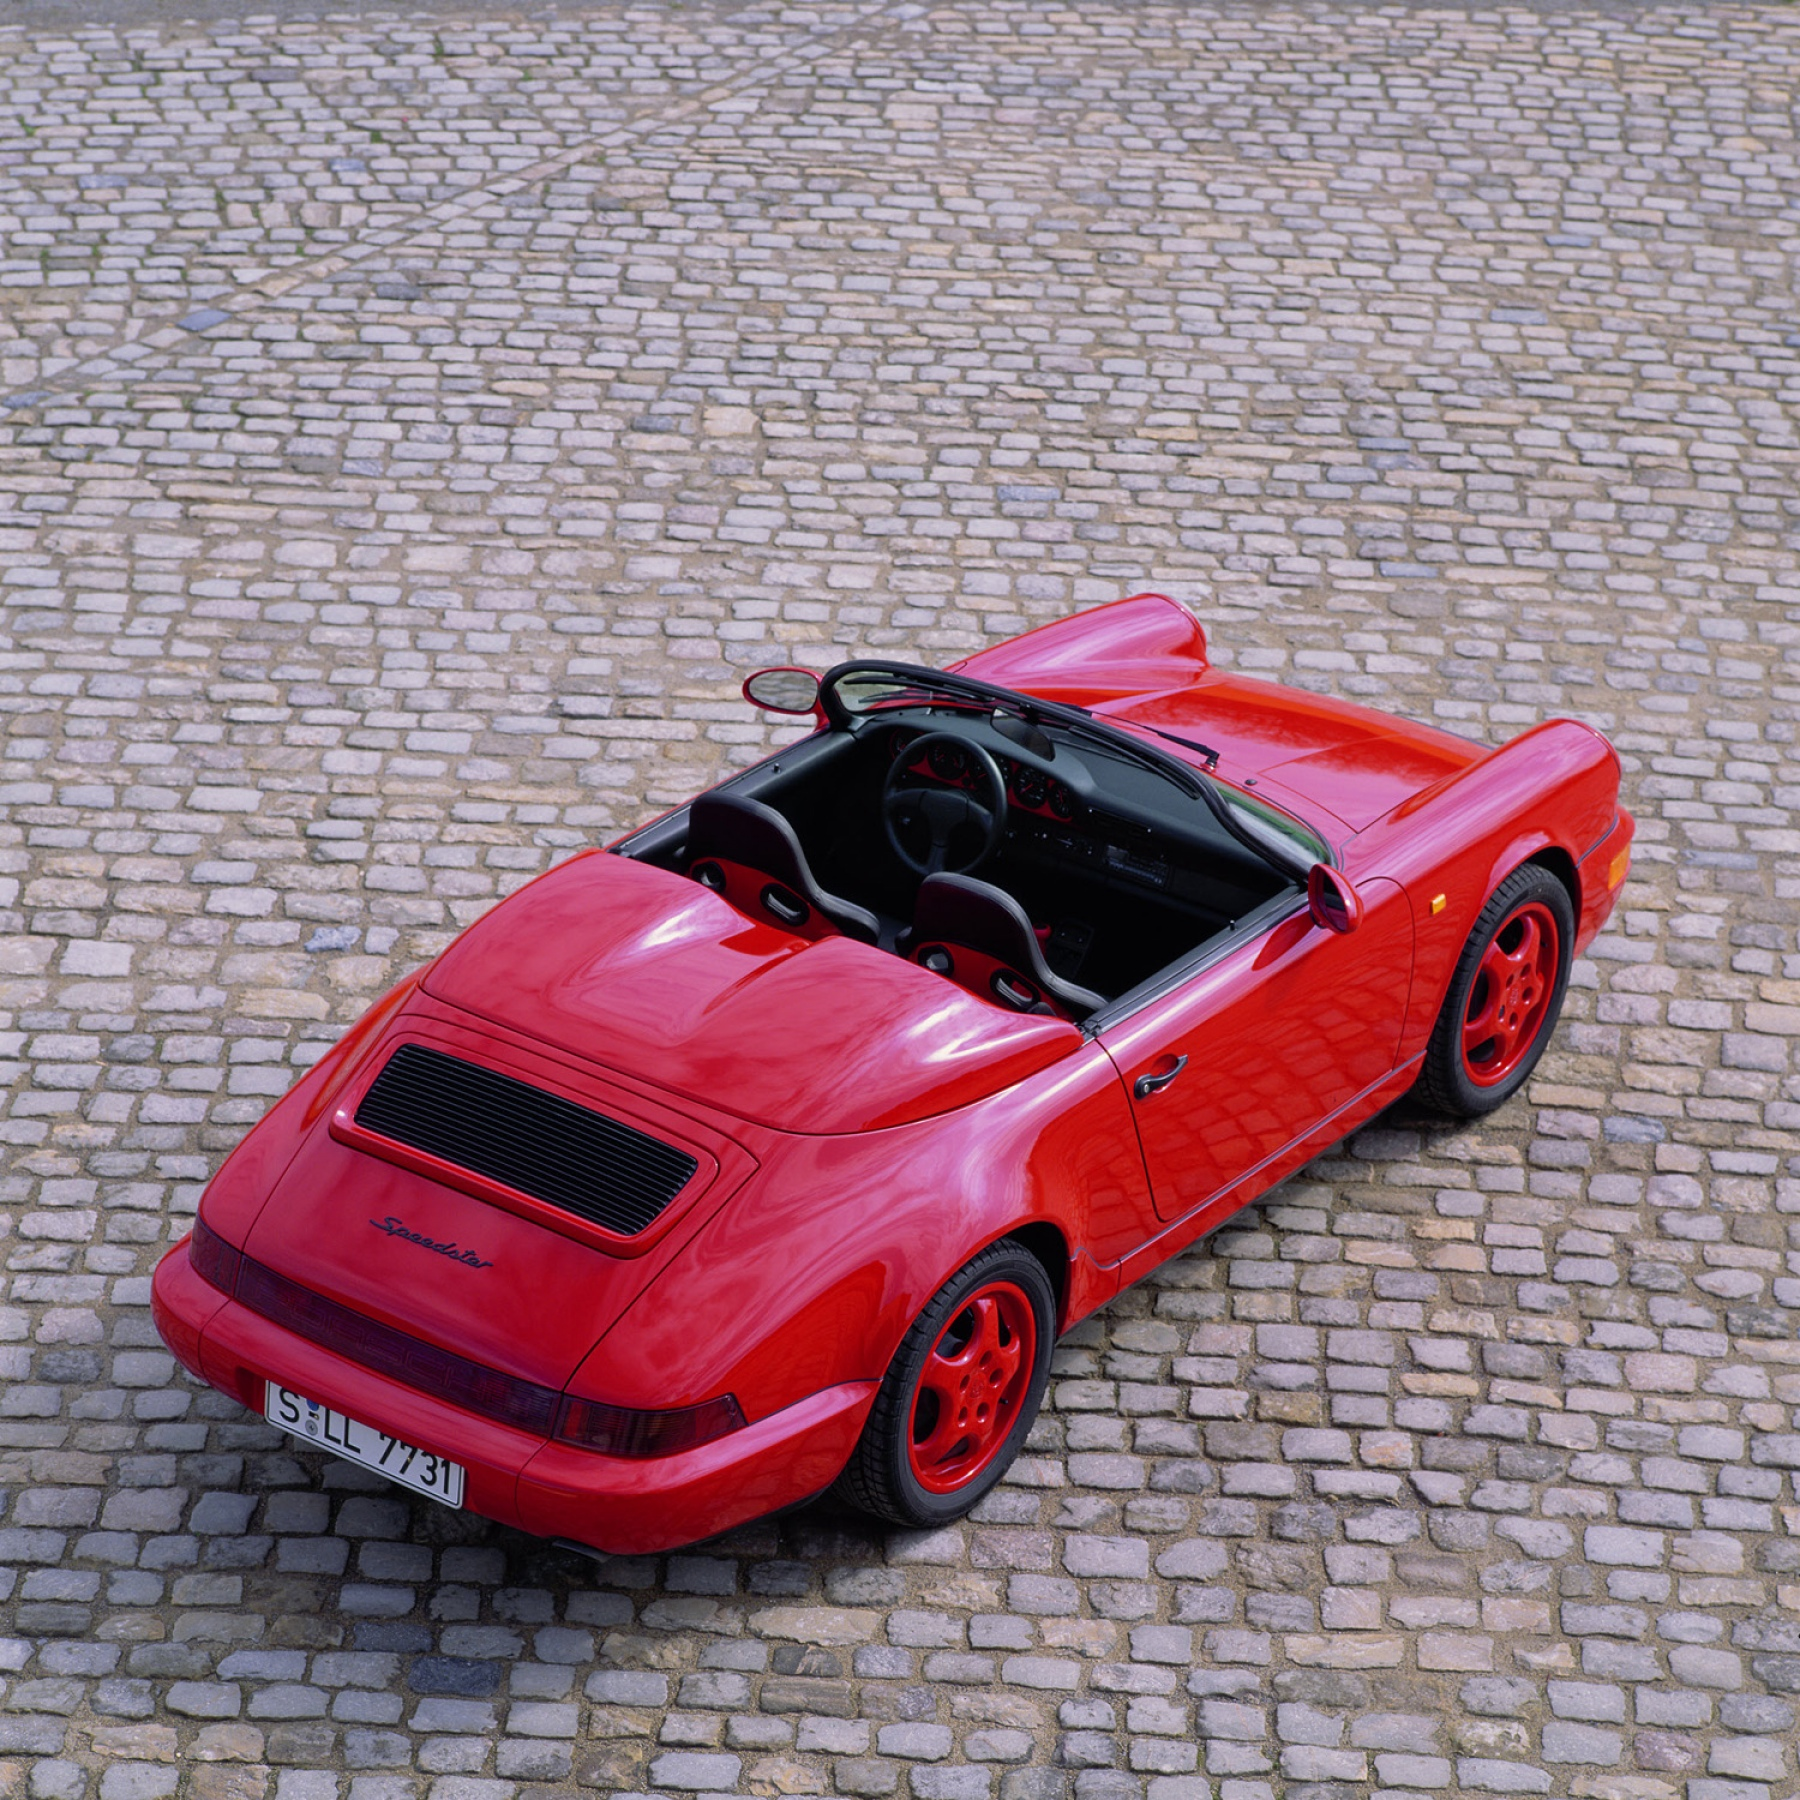 Porsche 911 2 7 Engine Weight: 70 Years Of Porsche Sports Cars